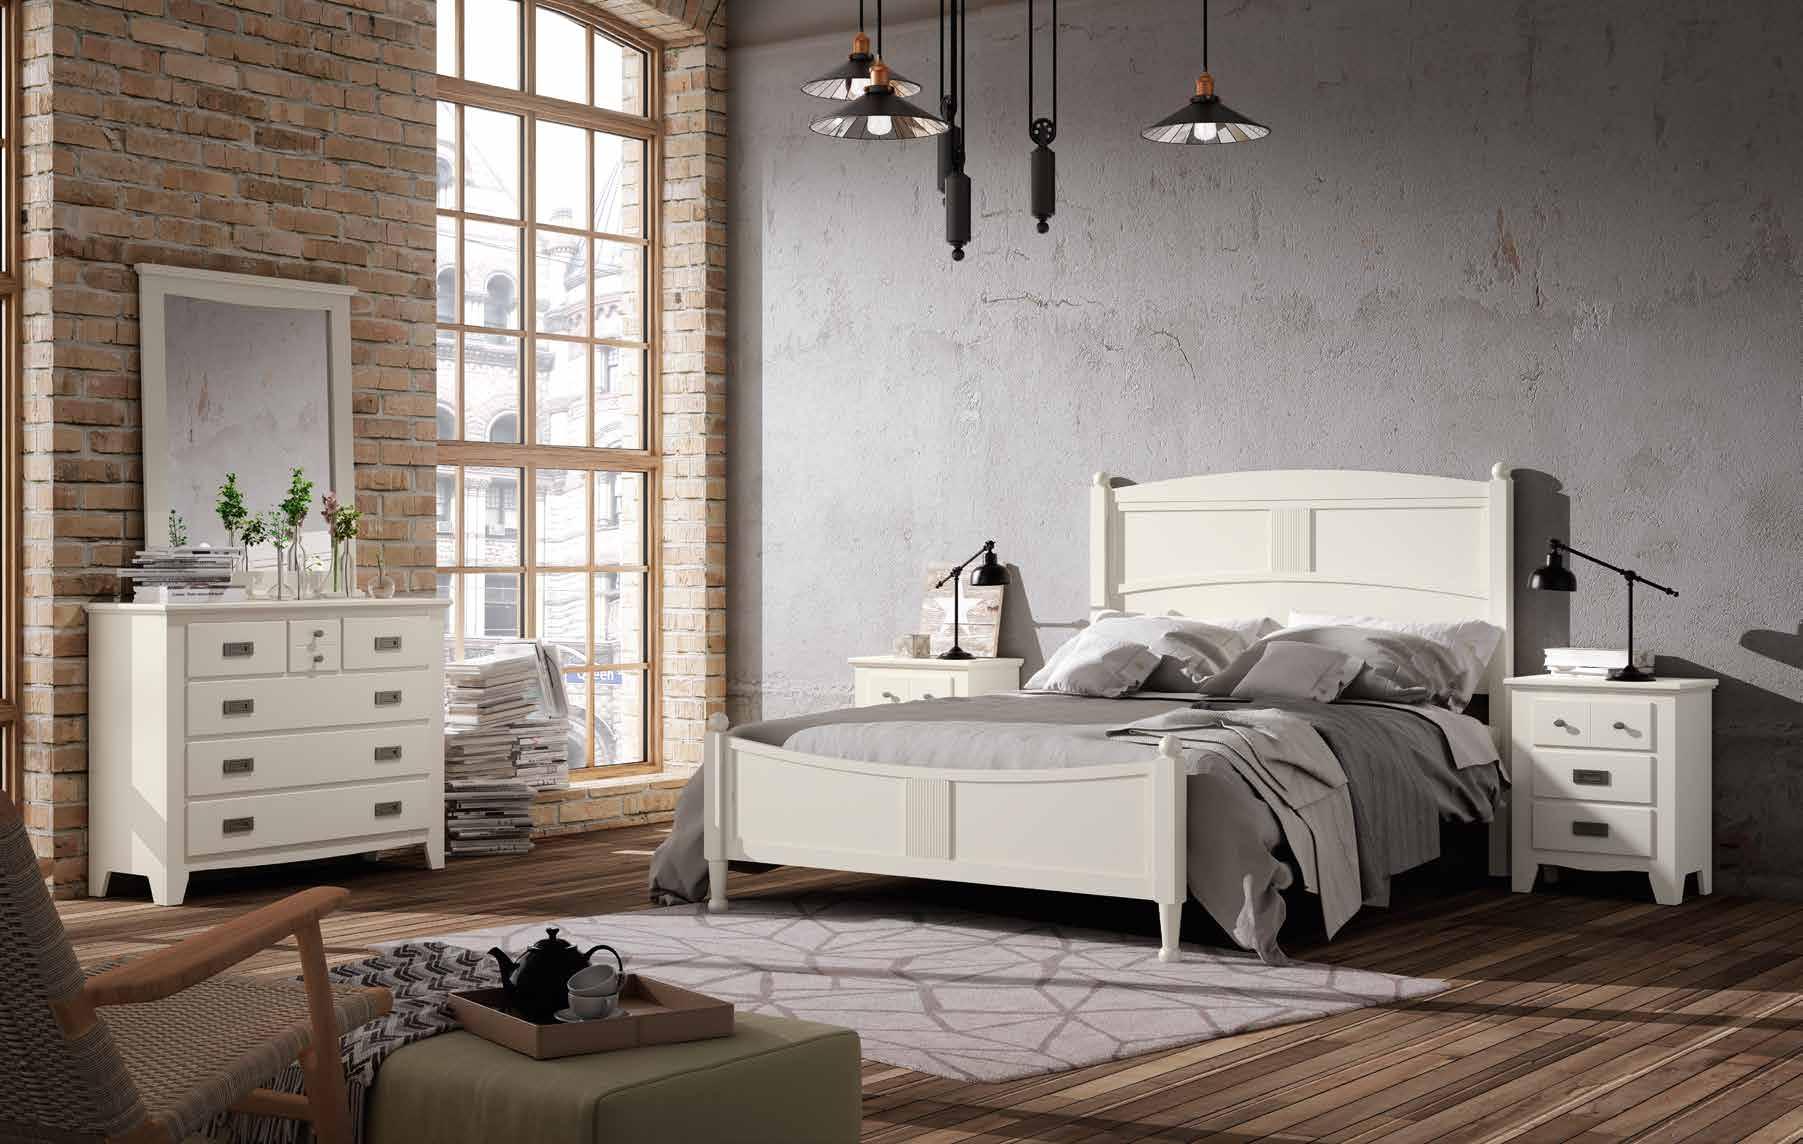 Comprar muebles Rusticos Modernos en UNIMUEBLE